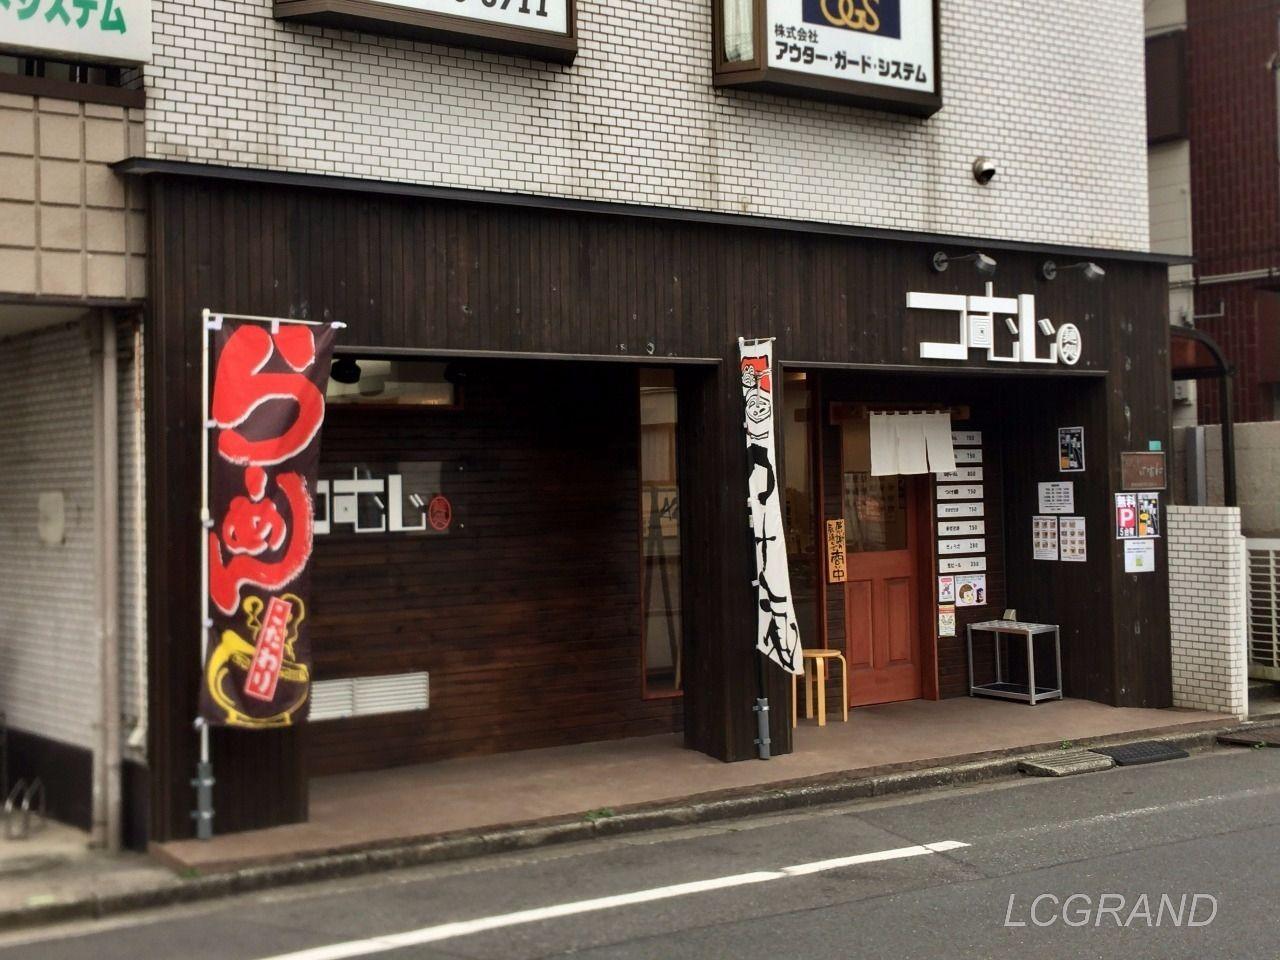 麺処つむじさんのお店の外観 黒く塗った木の板が多く張られ好感のもてる外観です。